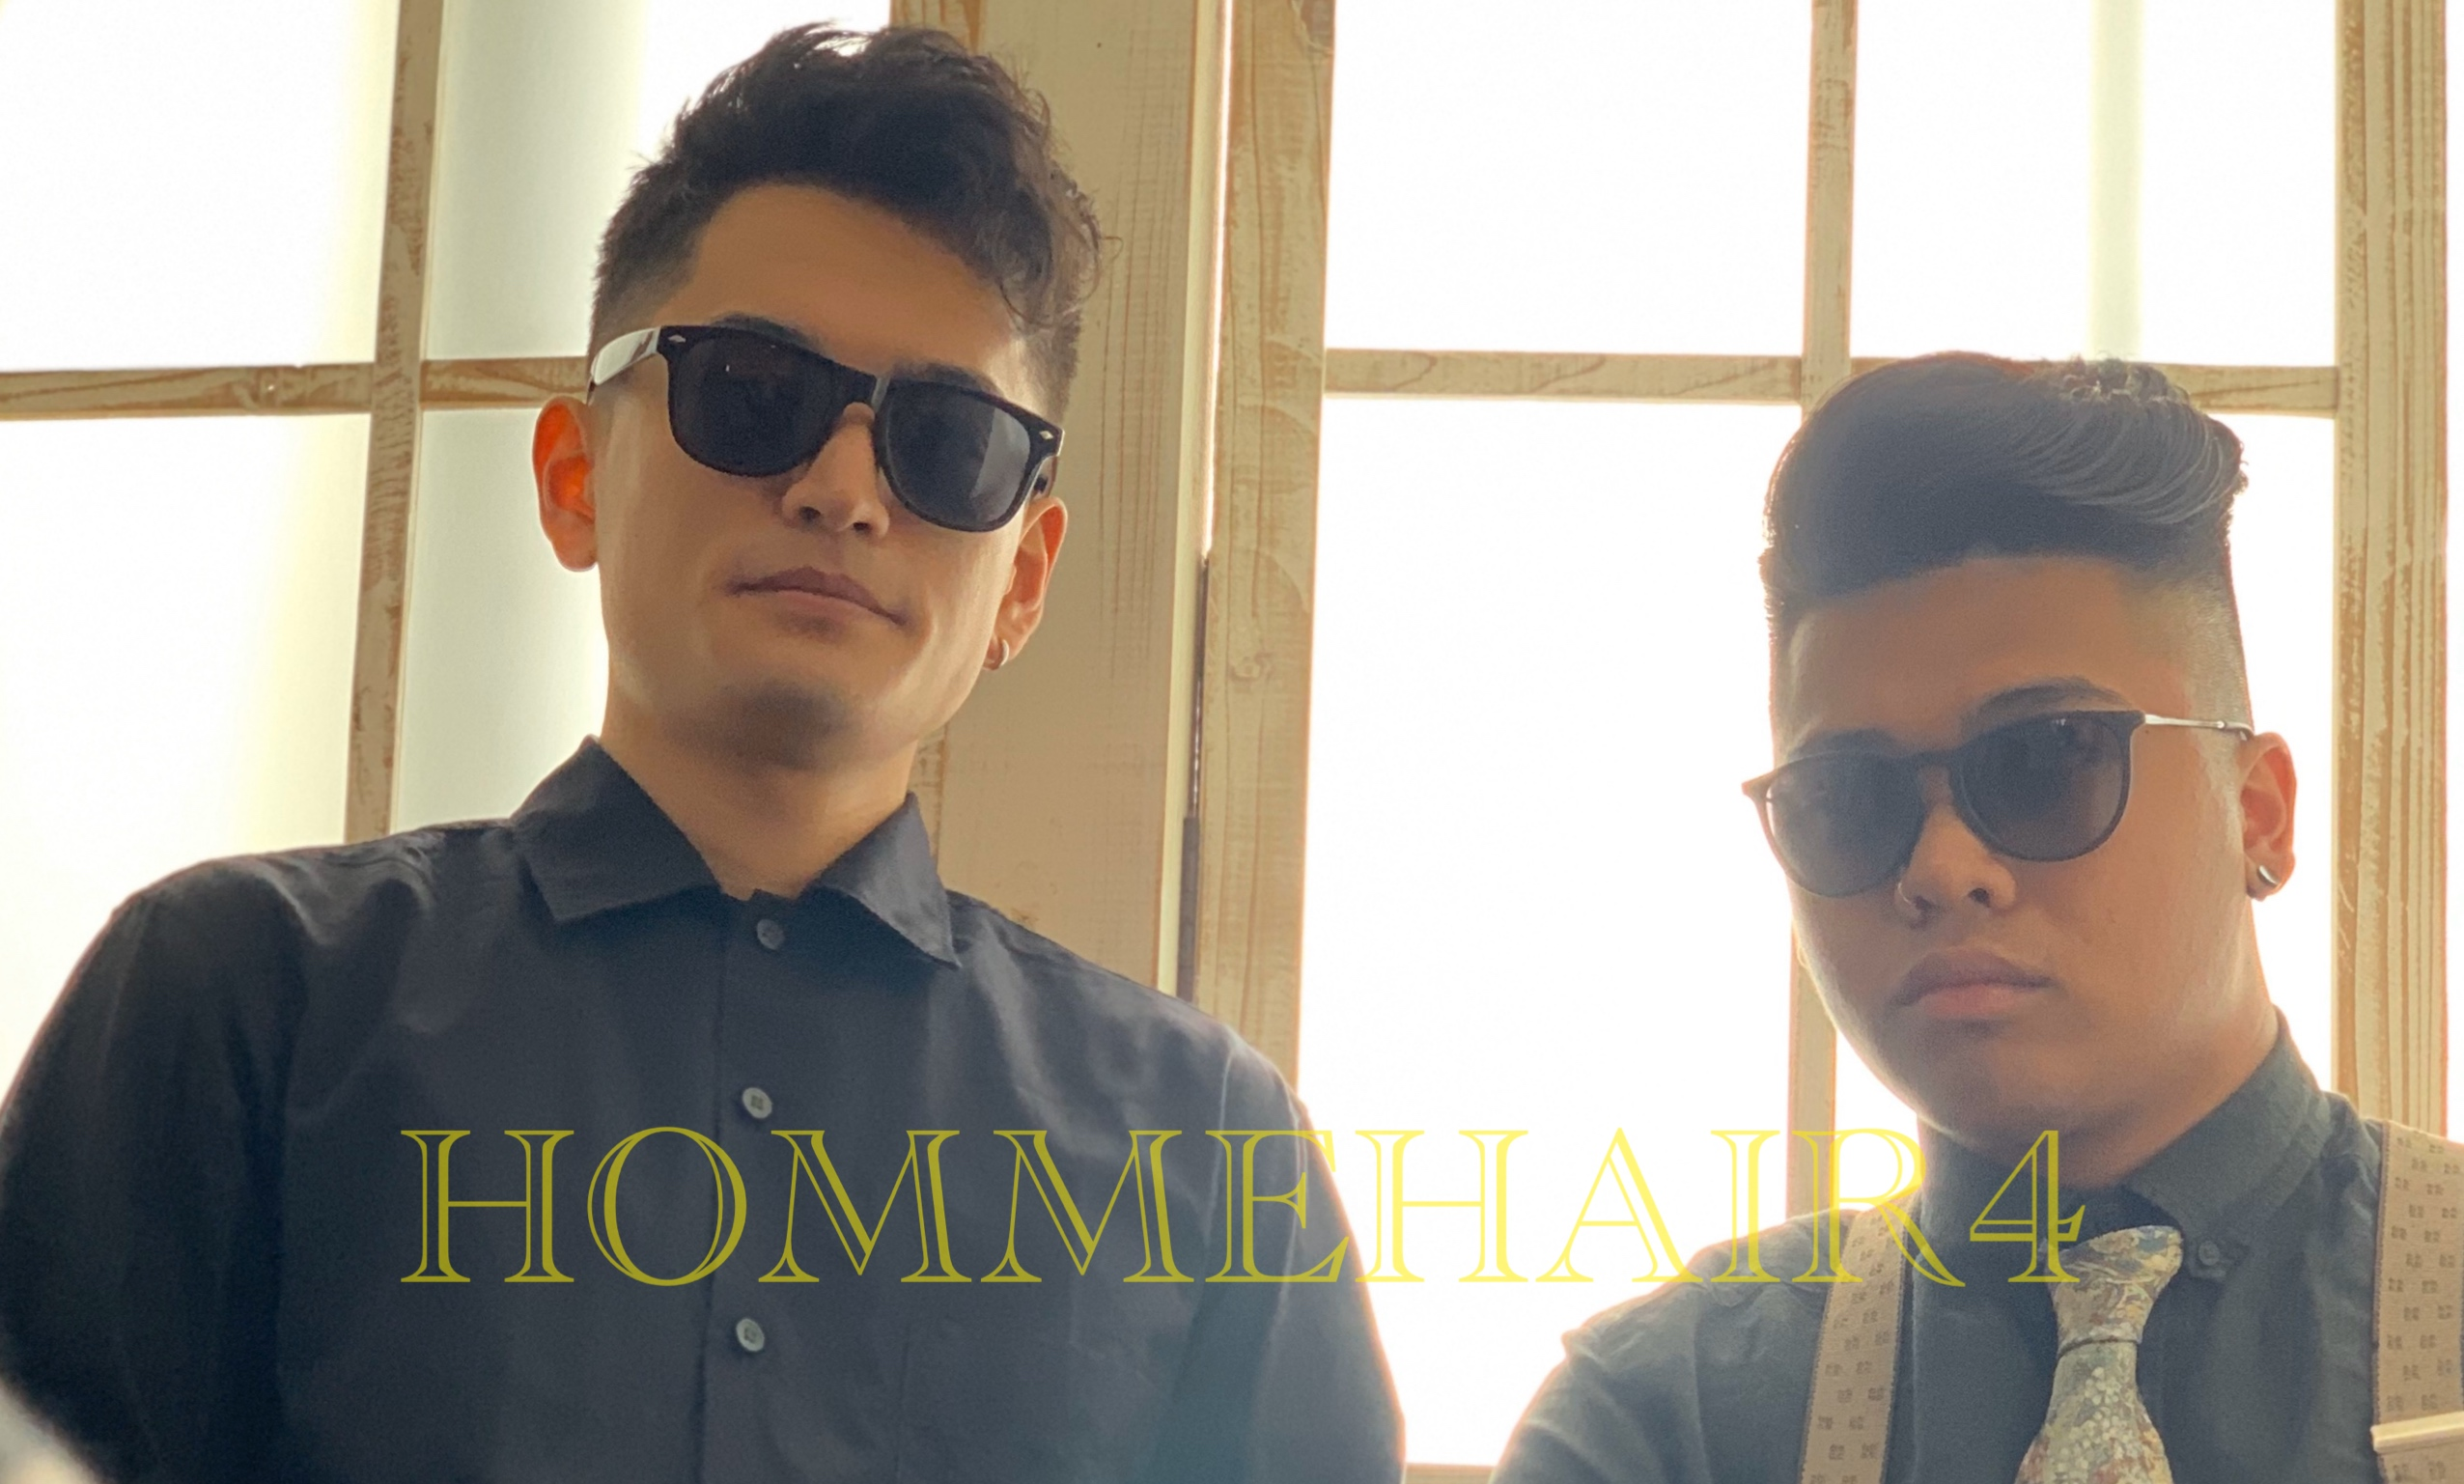 HOMMEHAIR4